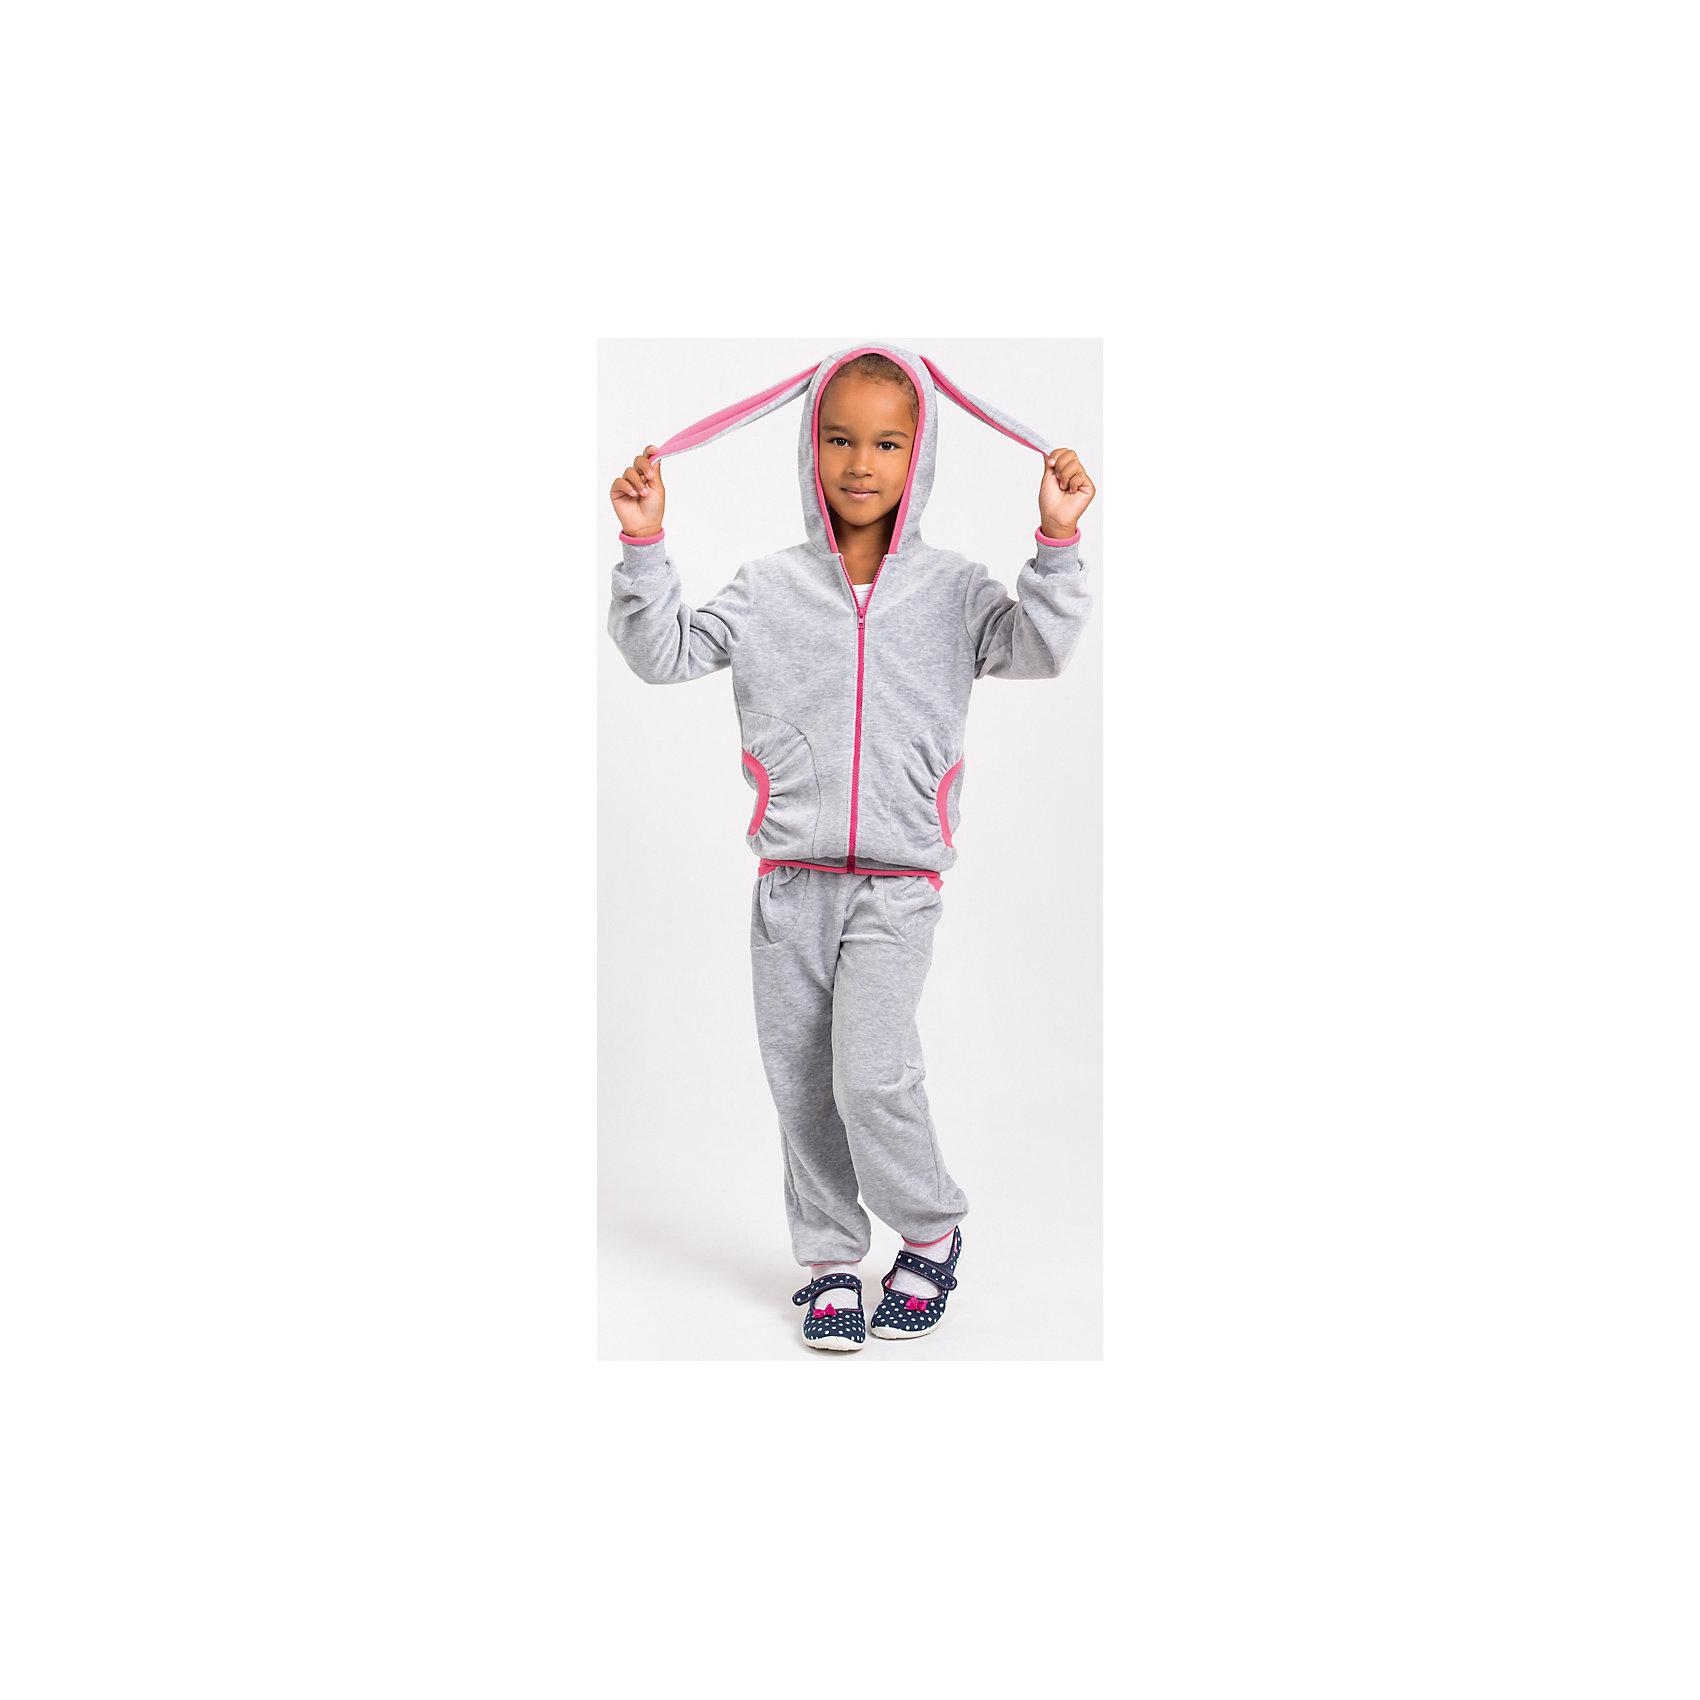 Спортивный костюм для девочкиСпортивный костюм для девочки от белорусской марки Goldy. Костюм состоит из толстовки с капюшоном и брюк с манжетами. Велюр.<br>Состав:<br>велюр (80% хлопок, 20% пэ)<br><br>Ширина мм: 247<br>Глубина мм: 16<br>Высота мм: 140<br>Вес г: 225<br>Цвет: серый<br>Возраст от месяцев: 24<br>Возраст до месяцев: 36<br>Пол: Женский<br>Возраст: Детский<br>Размер: 110,116,122,98,104,92<br>SKU: 4921271